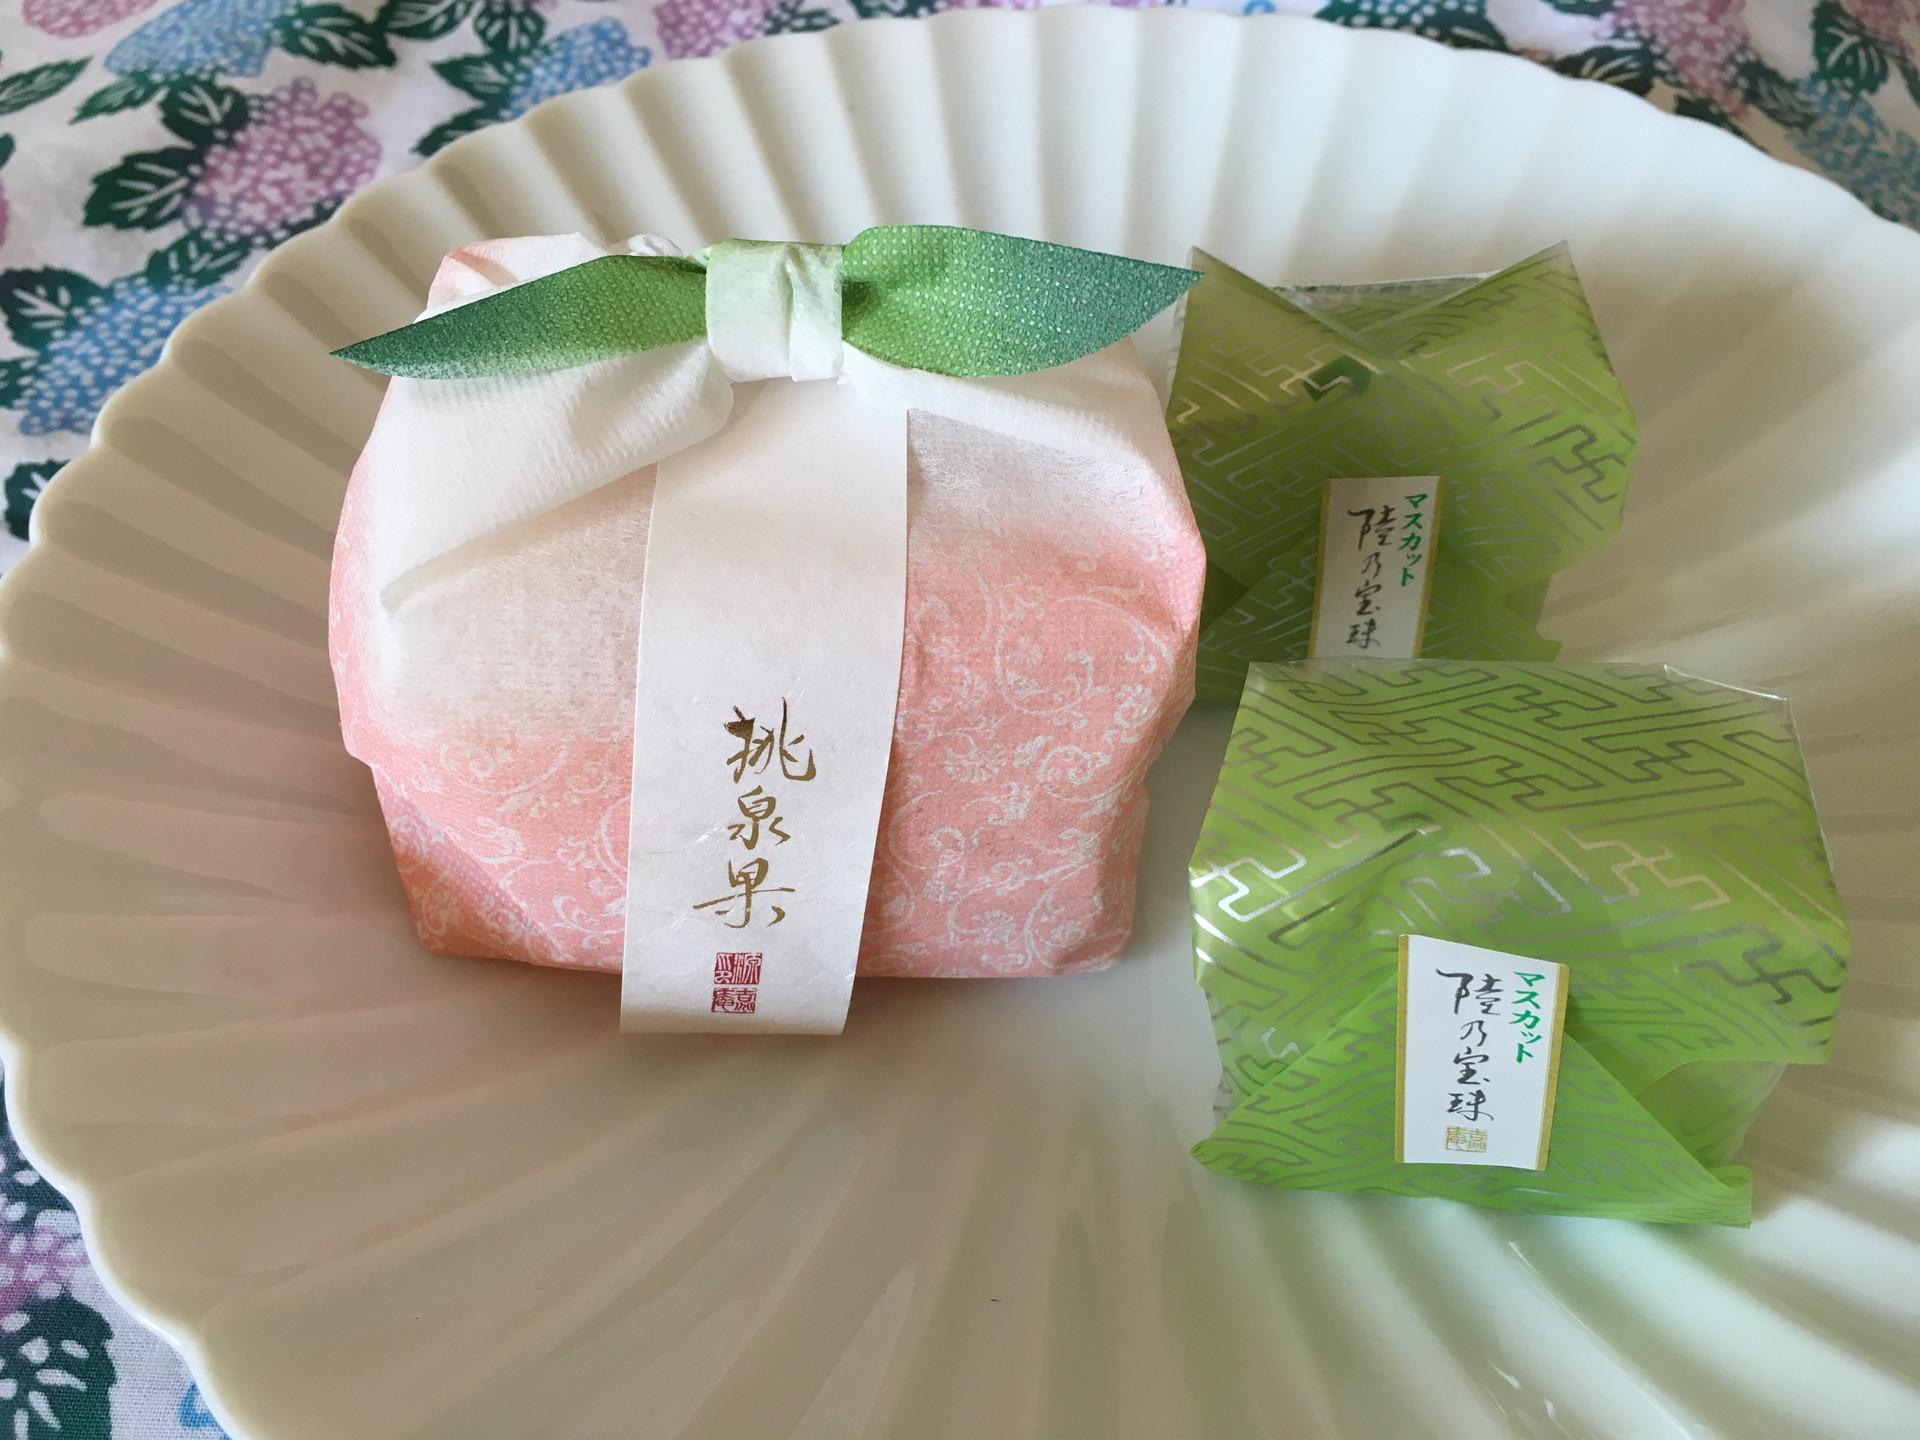 果汁したたる「果実菓子」和ごころをまとった岡山県産マスカットと完熟桃